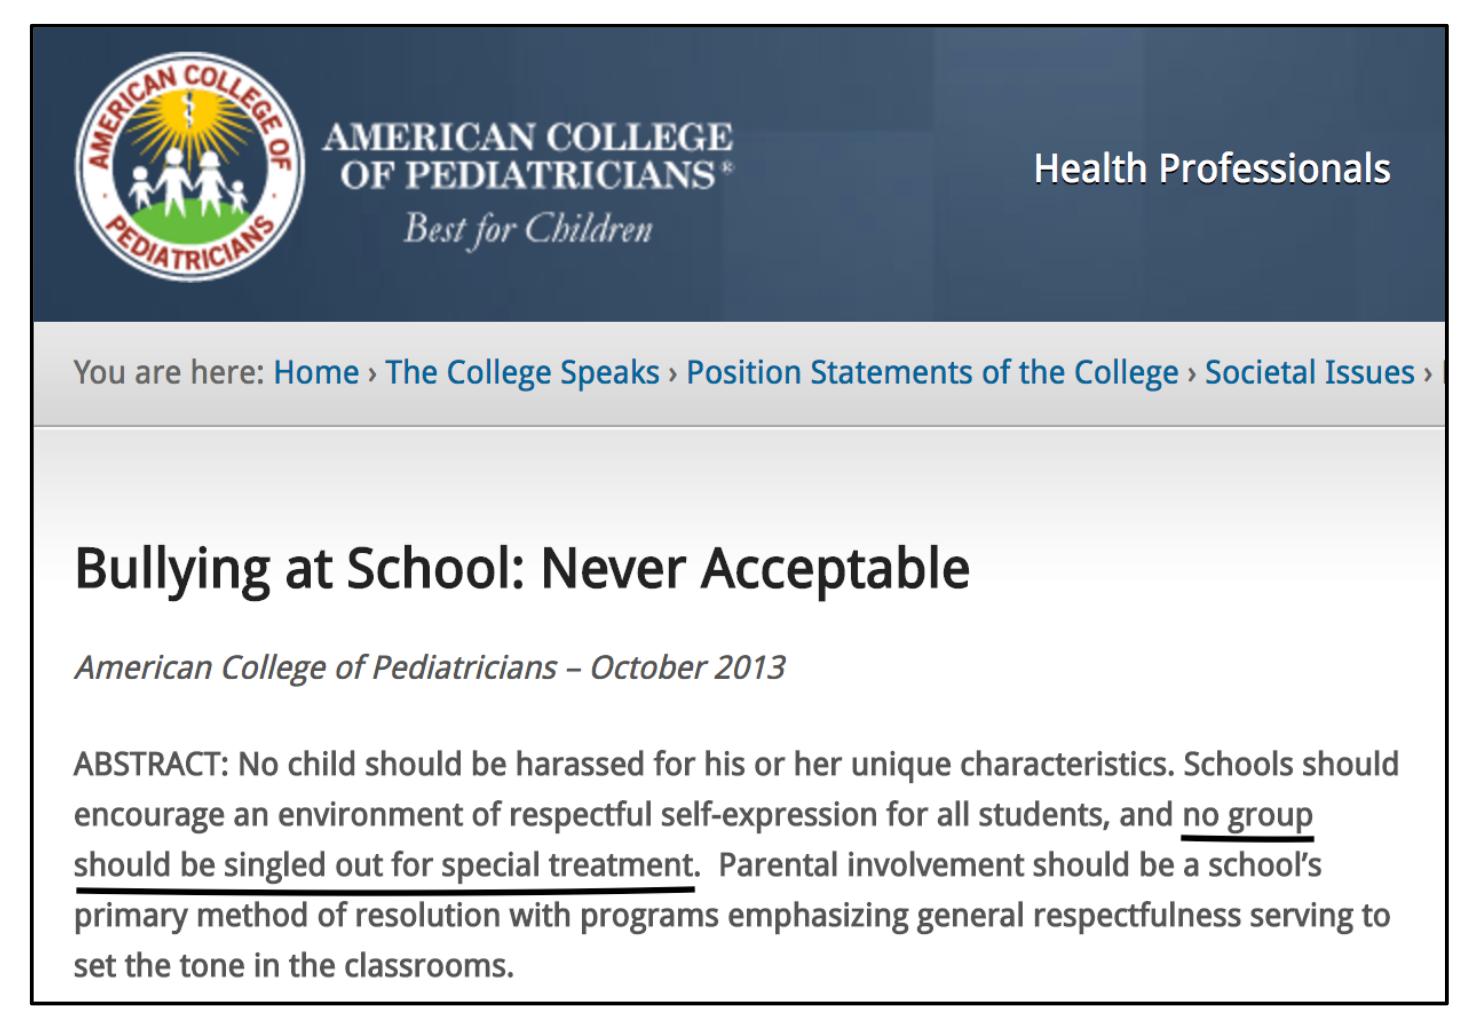 《校园欺凌:决不能接受》的摘要